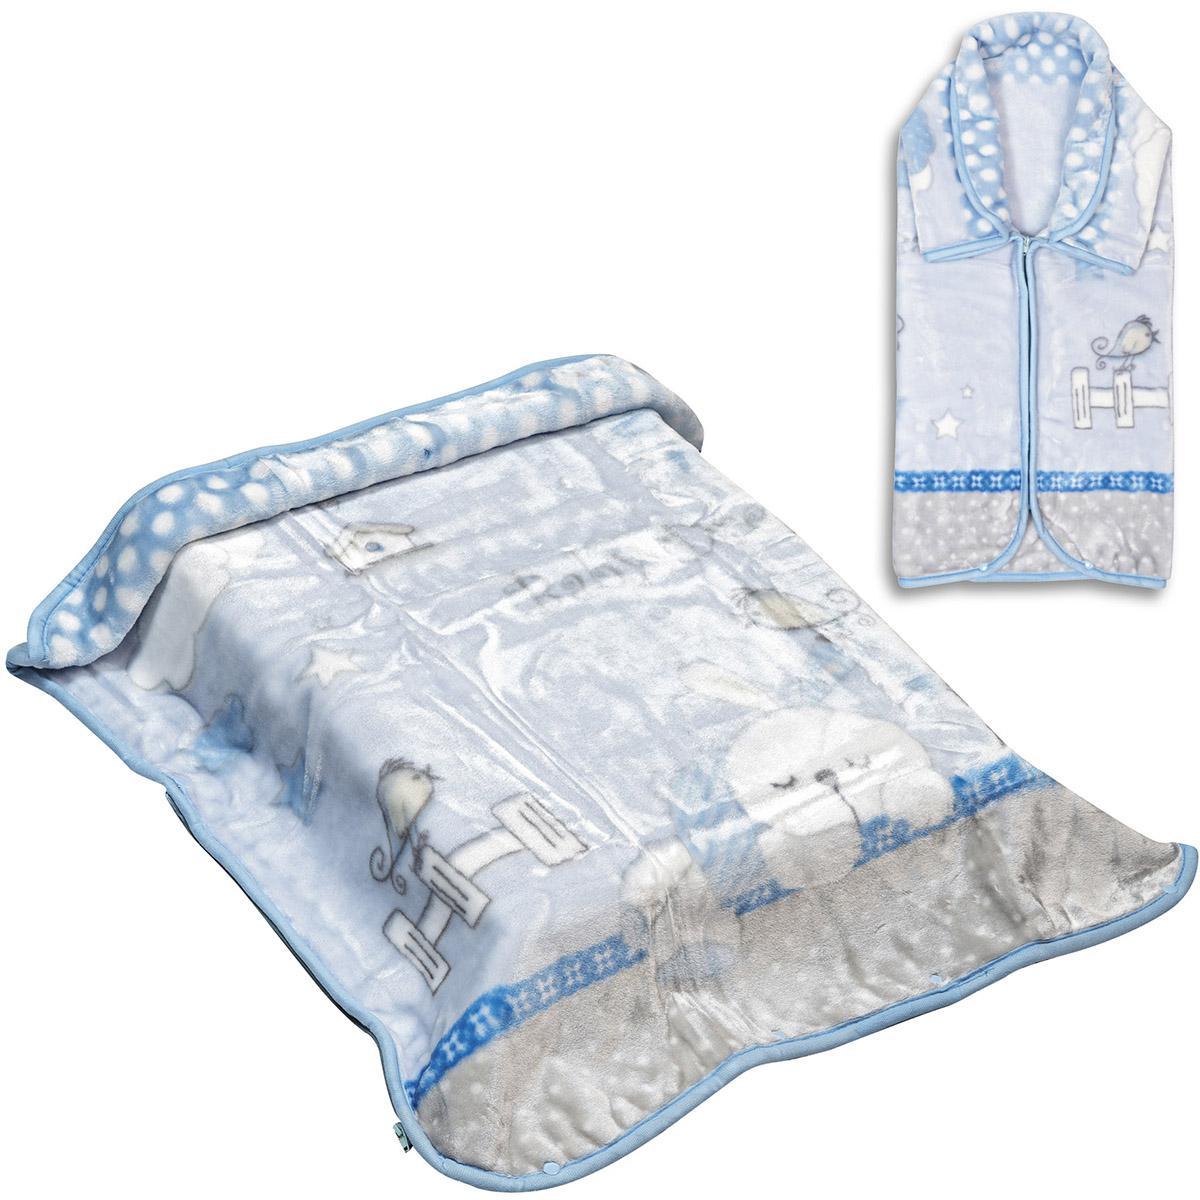 Κουβέρτα βρεφική – Υπνόσακος Art 5251 80×110 Μπλε Beauty Home